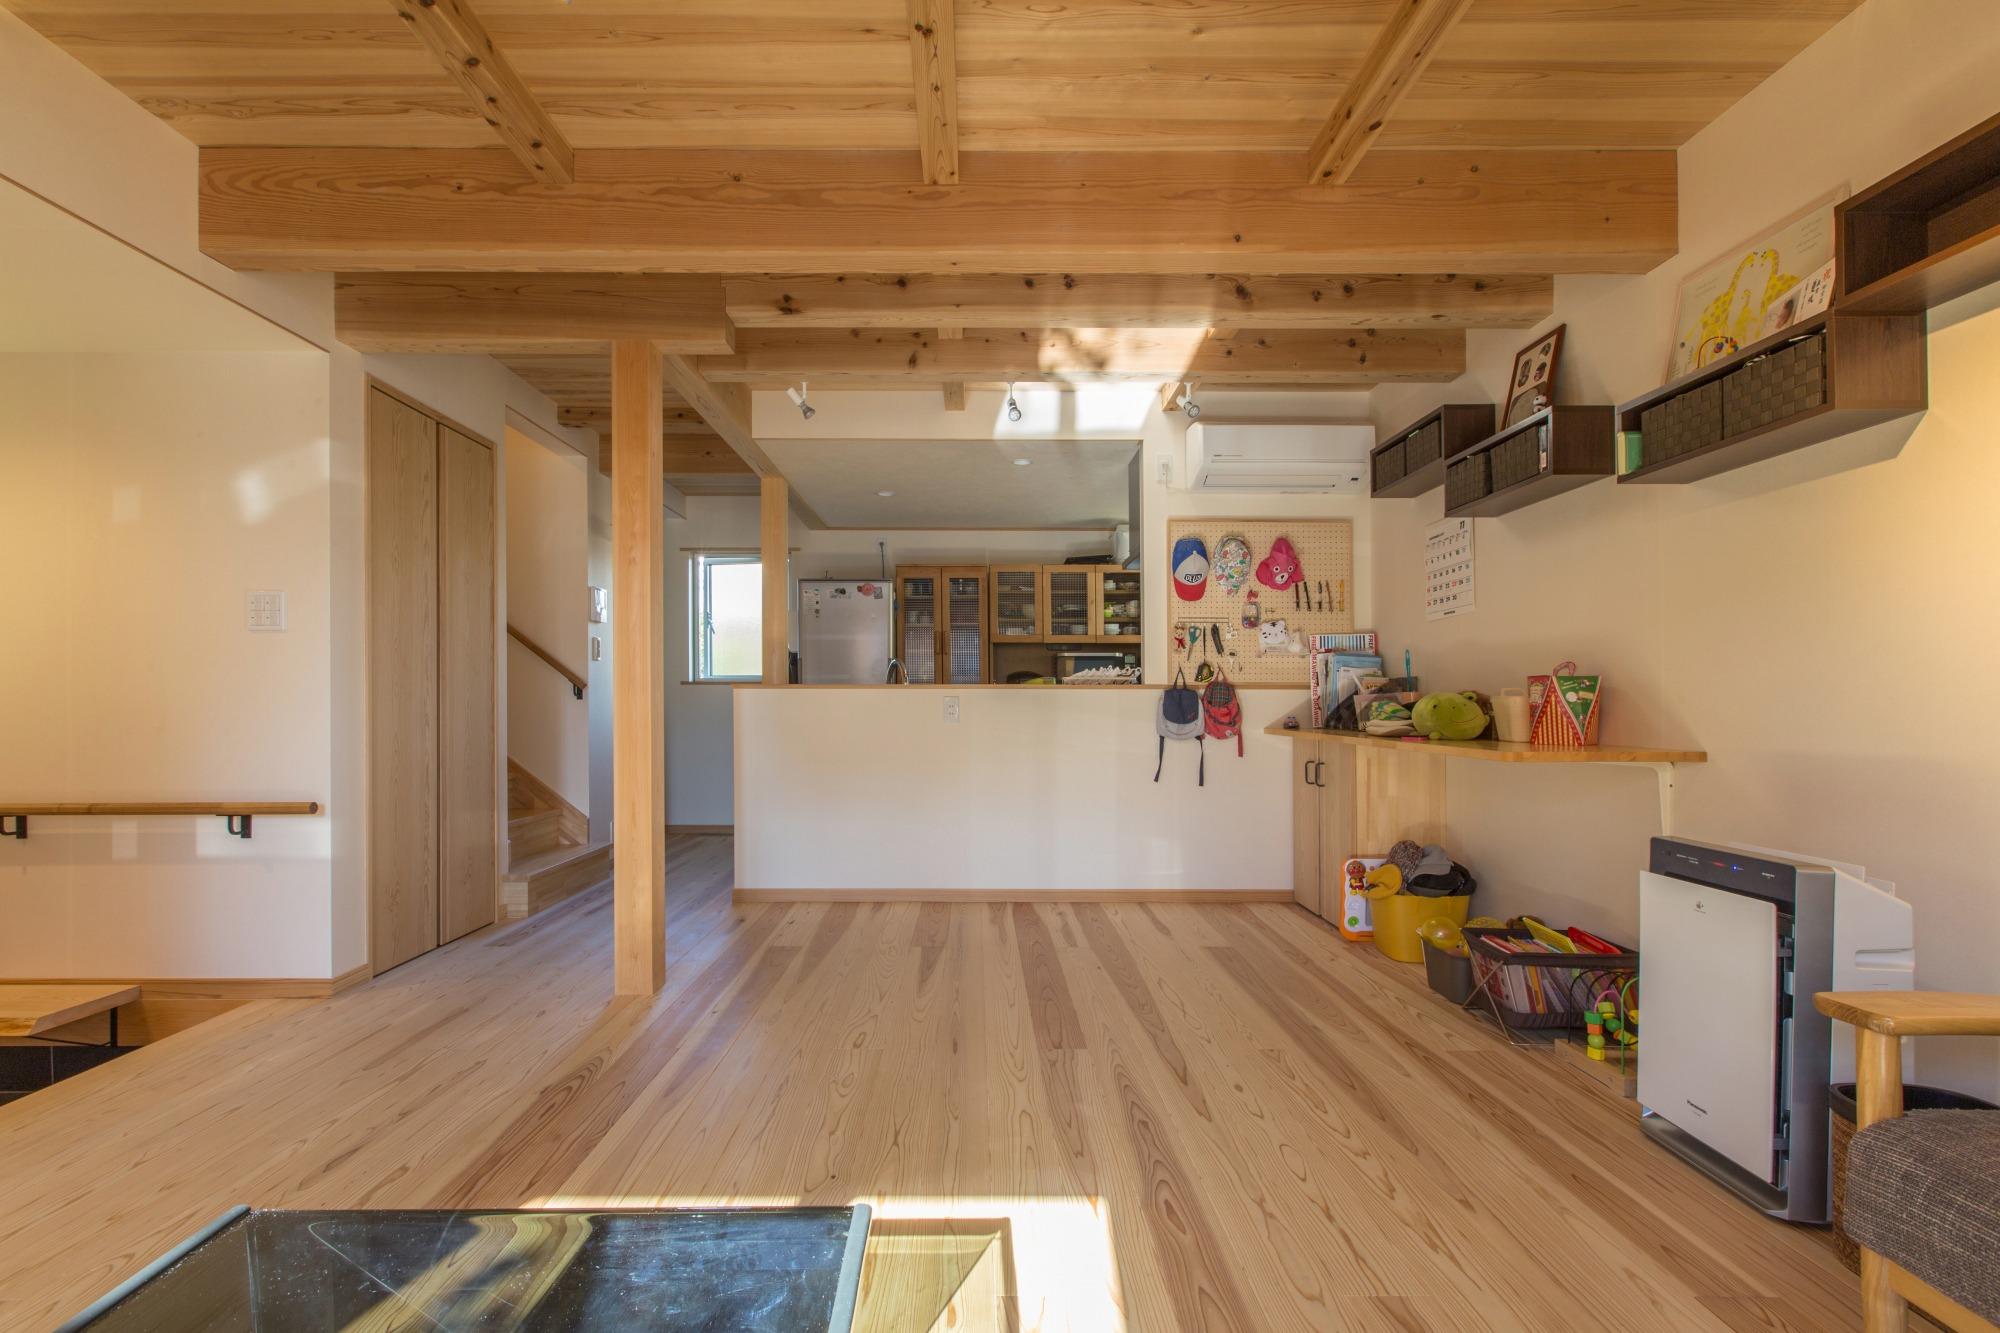 1階リビングからの眺め。無垢の床板と、構造材をそのまま見せた天井。木の温かみを感じる。